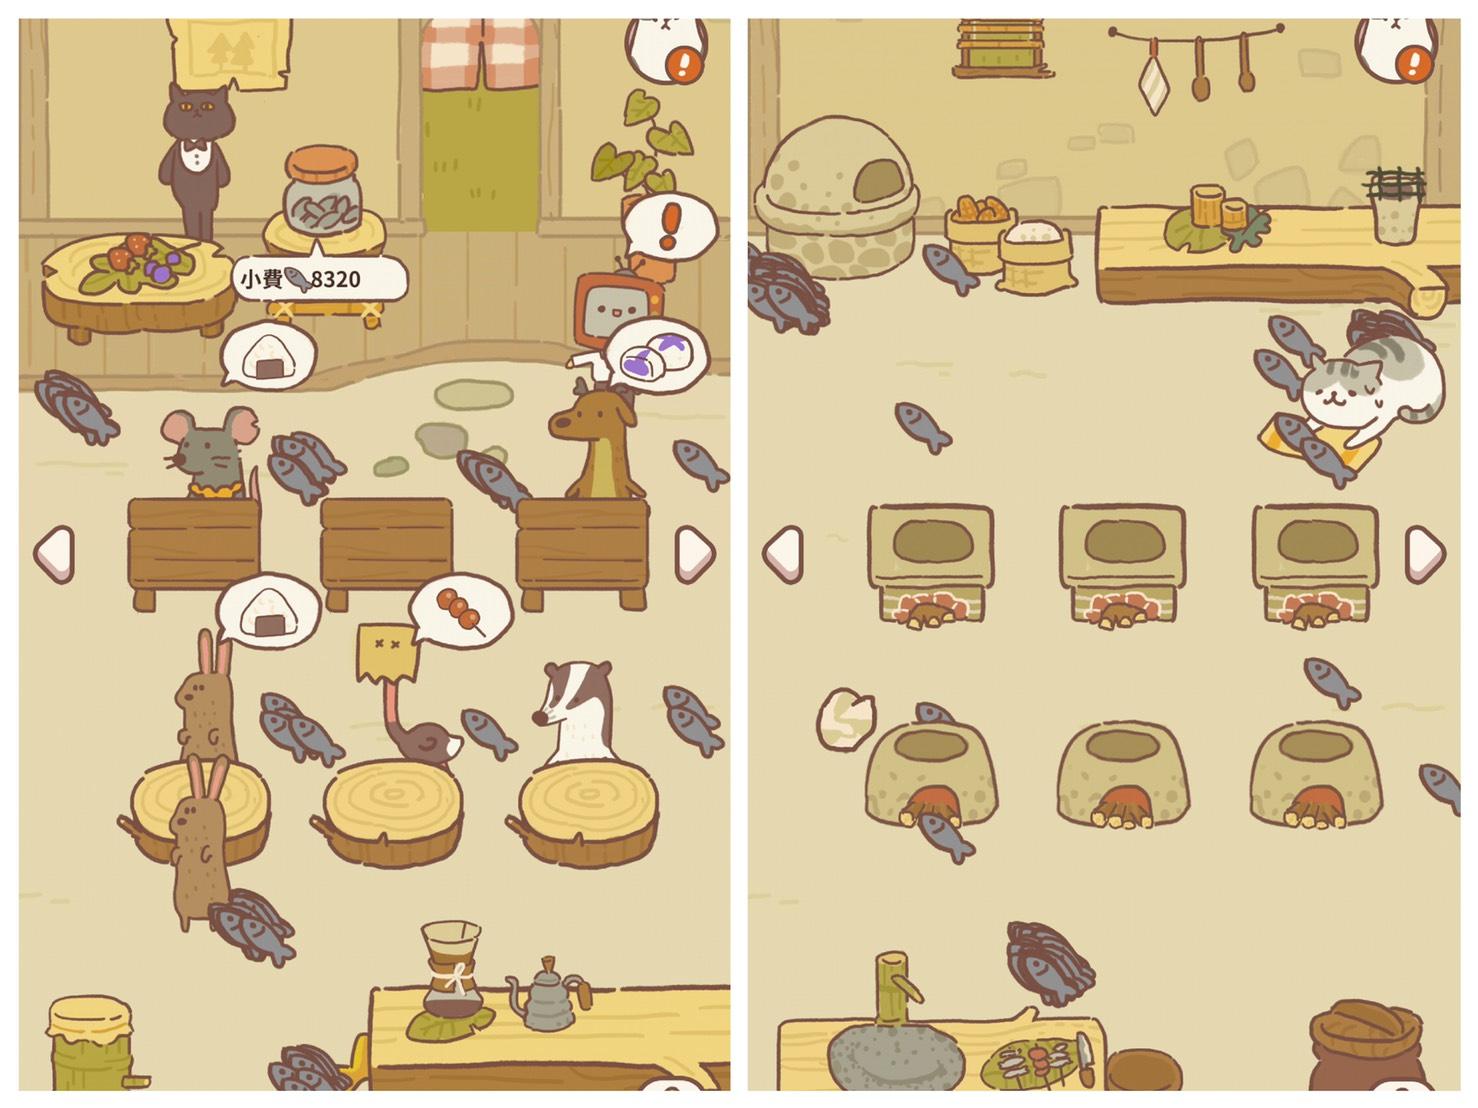 放置手遊推薦-超可愛的Animalrestaruant,經營餐廳原來可以這麼不動腦~